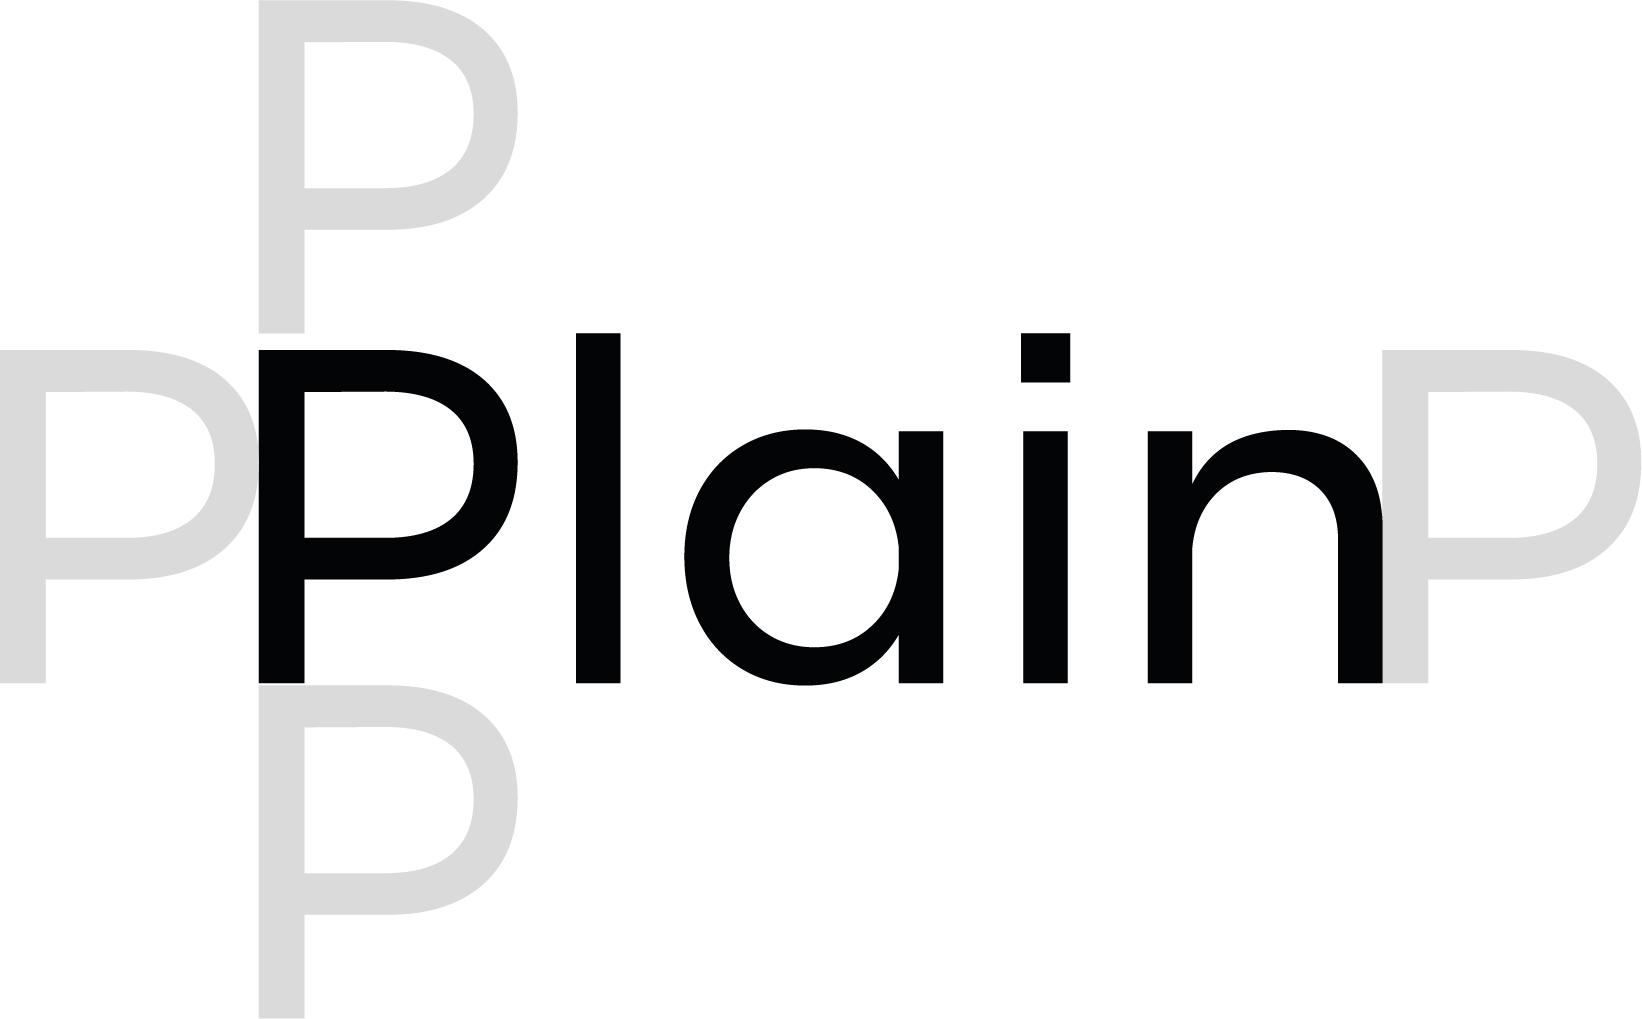 bp_plain_logo_clear_space